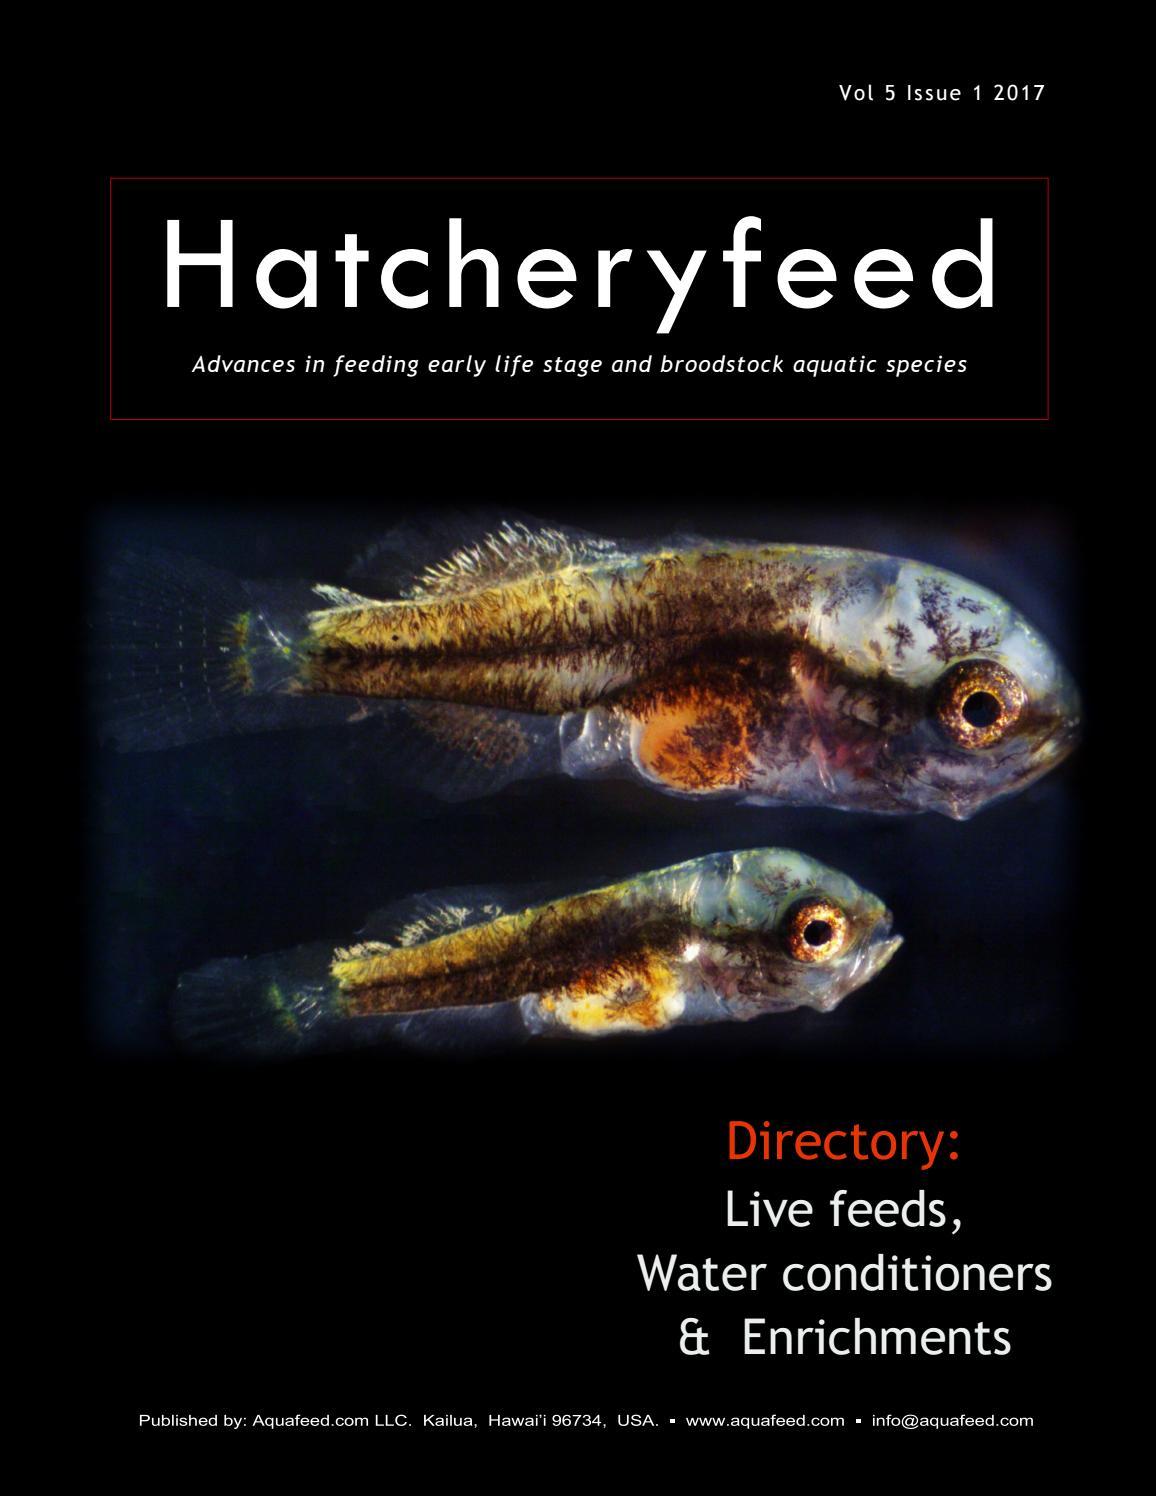 Hatcheryfeed Vol 5 Issue 1 2017 By Aquafeedcom Issuu Artemia Instant